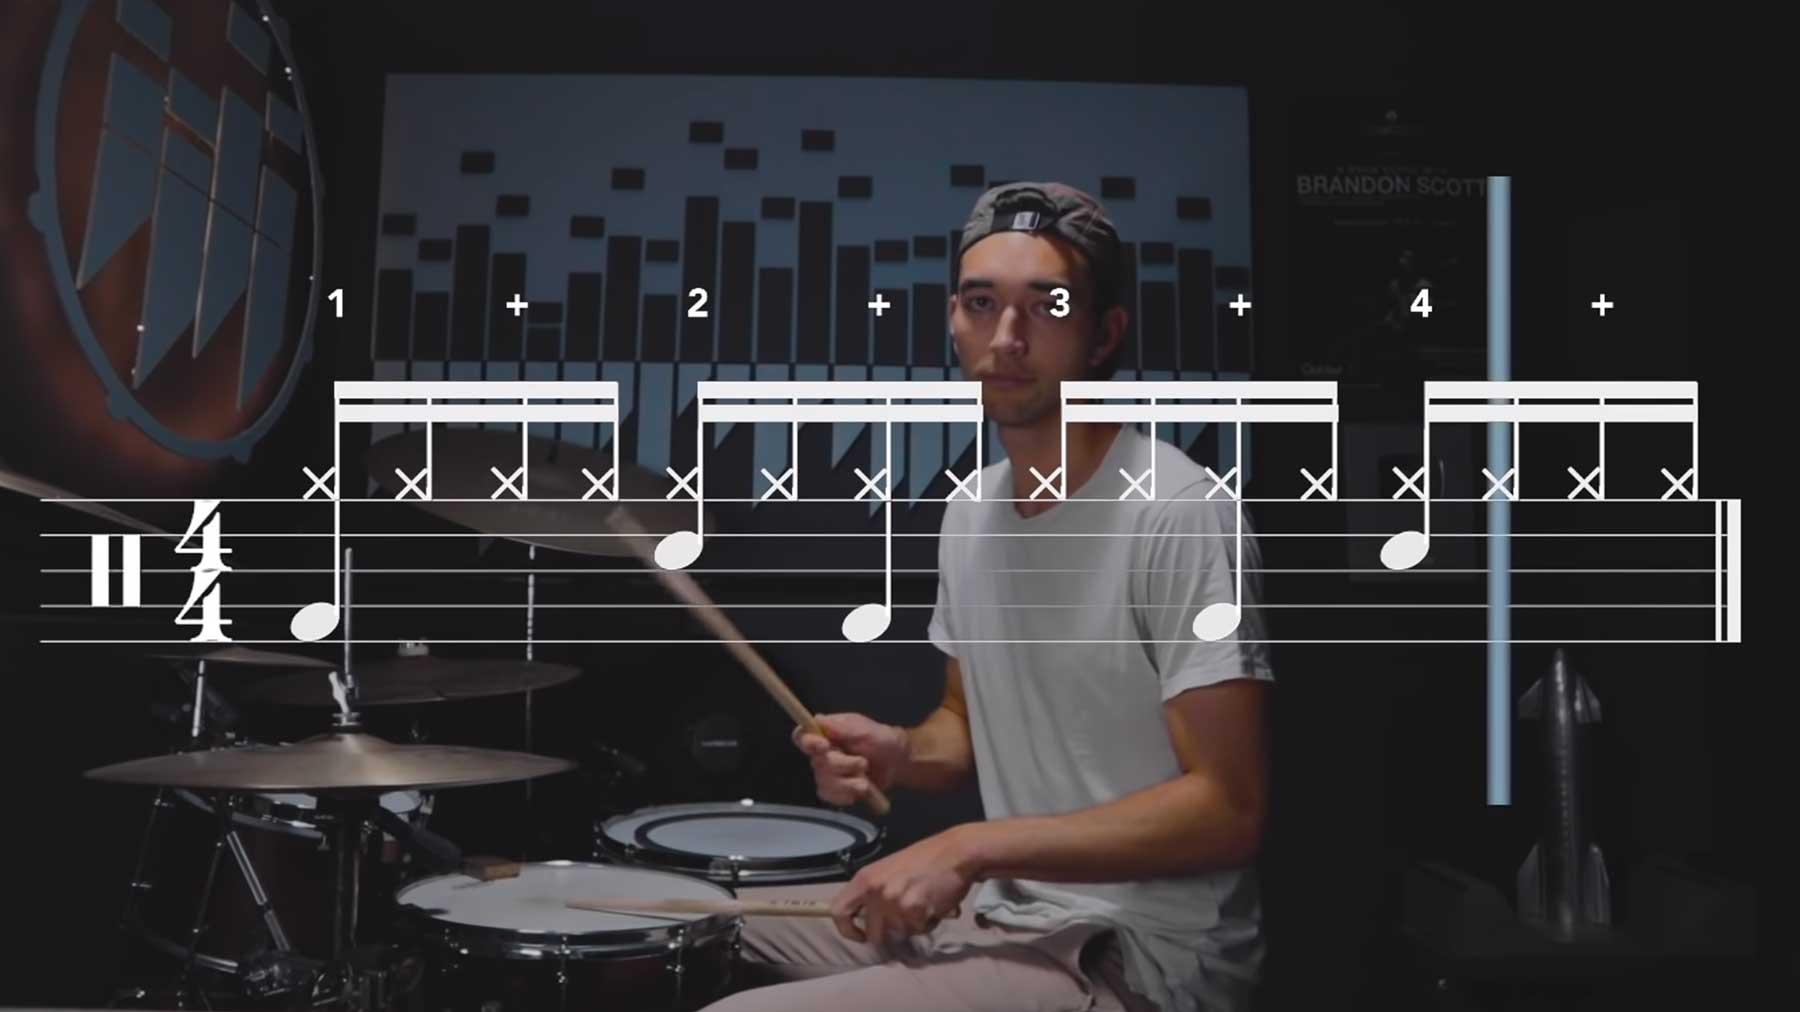 Dieses Beat-Muster ist in etlichen Songs zu hören